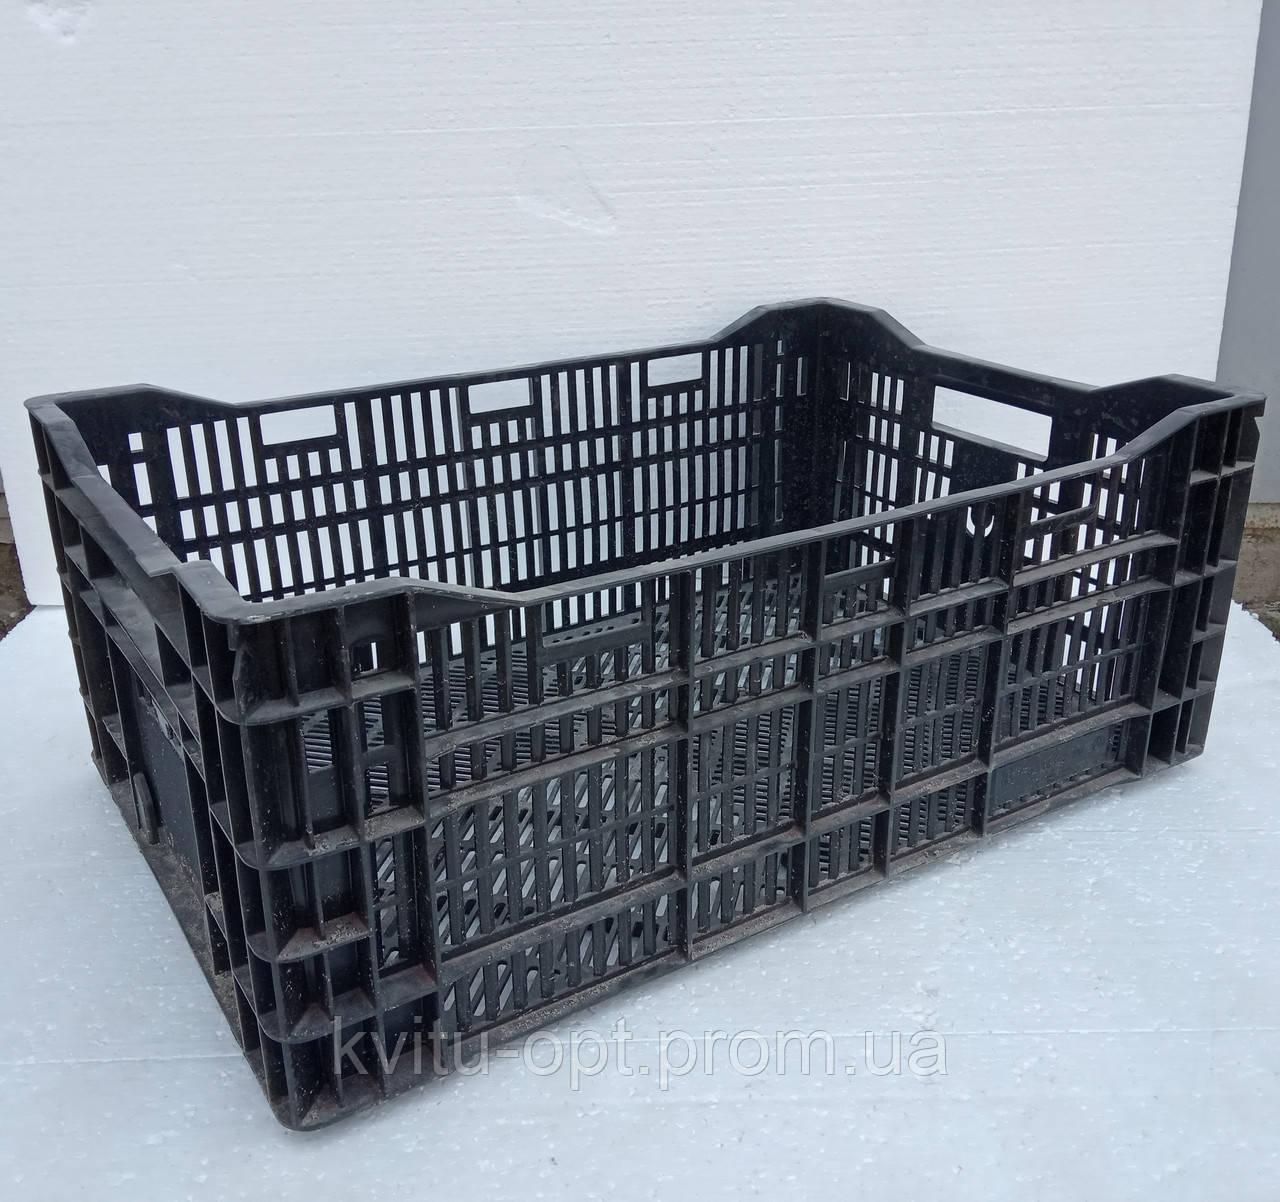 В продаже пластмассовые ящики